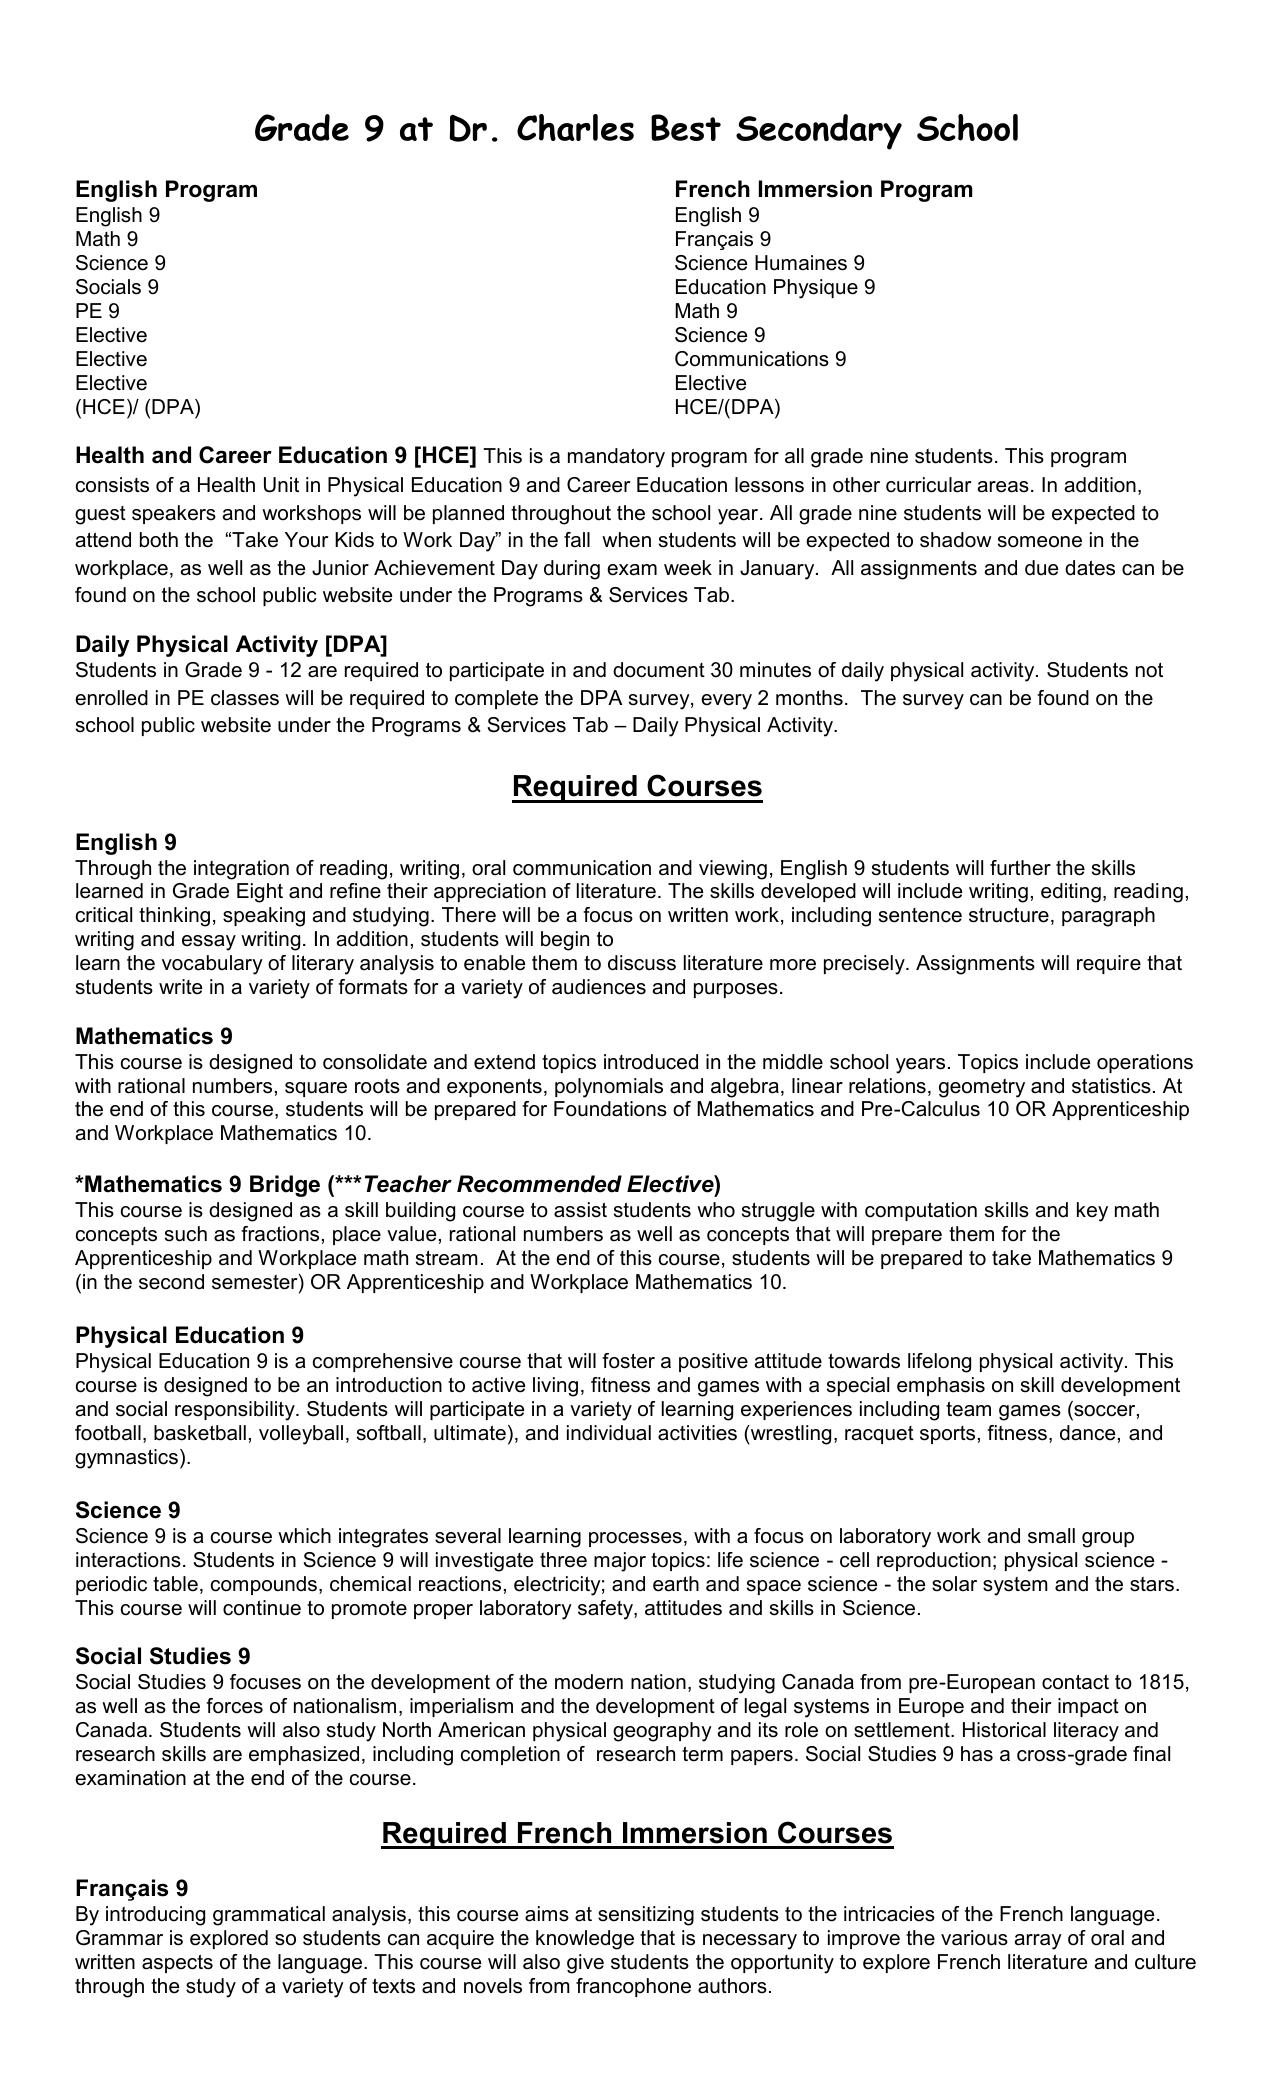 Grade 9 Course Descriptors Revised